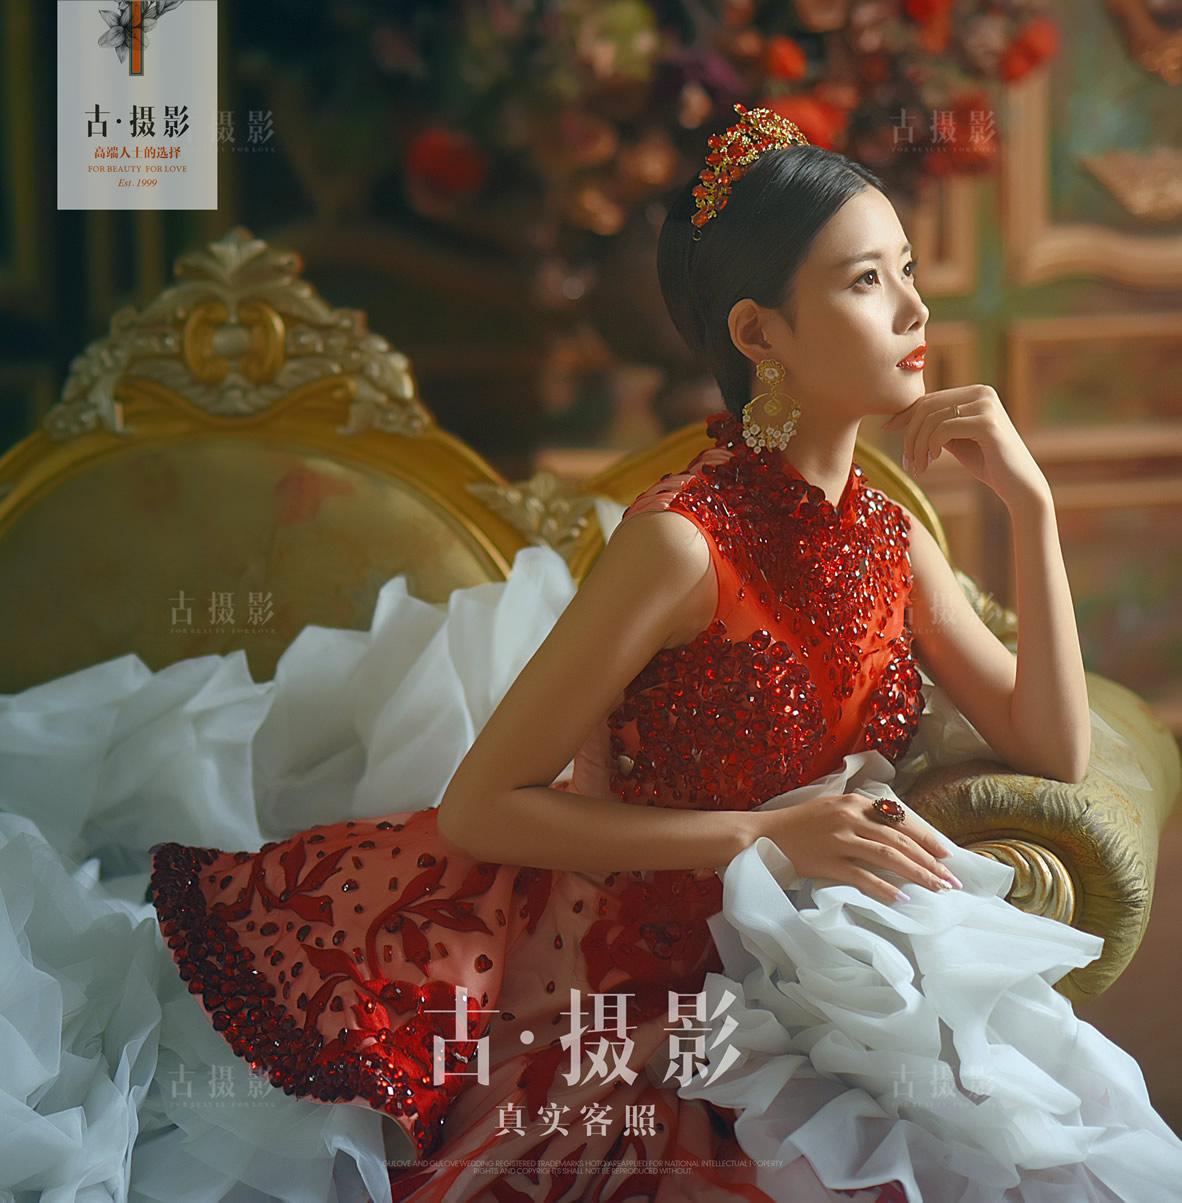 6月24日客片吴先生 黄小姐 - 每日客照 - love上海古摄影-上海婚纱摄影网